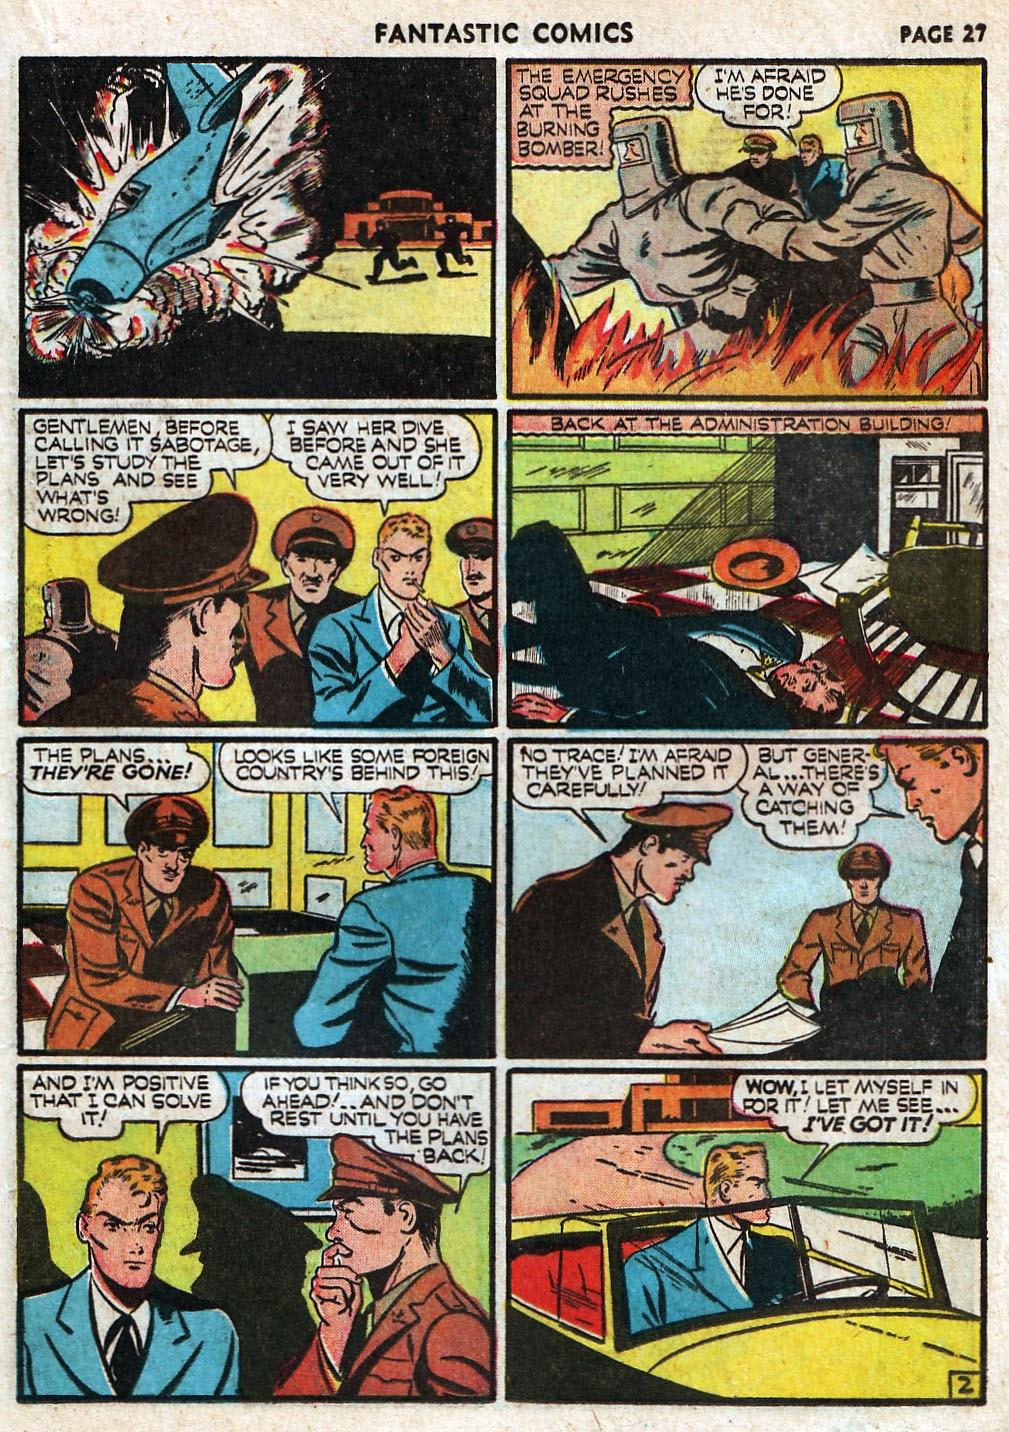 Read online Fantastic Comics comic -  Issue #17 - 29